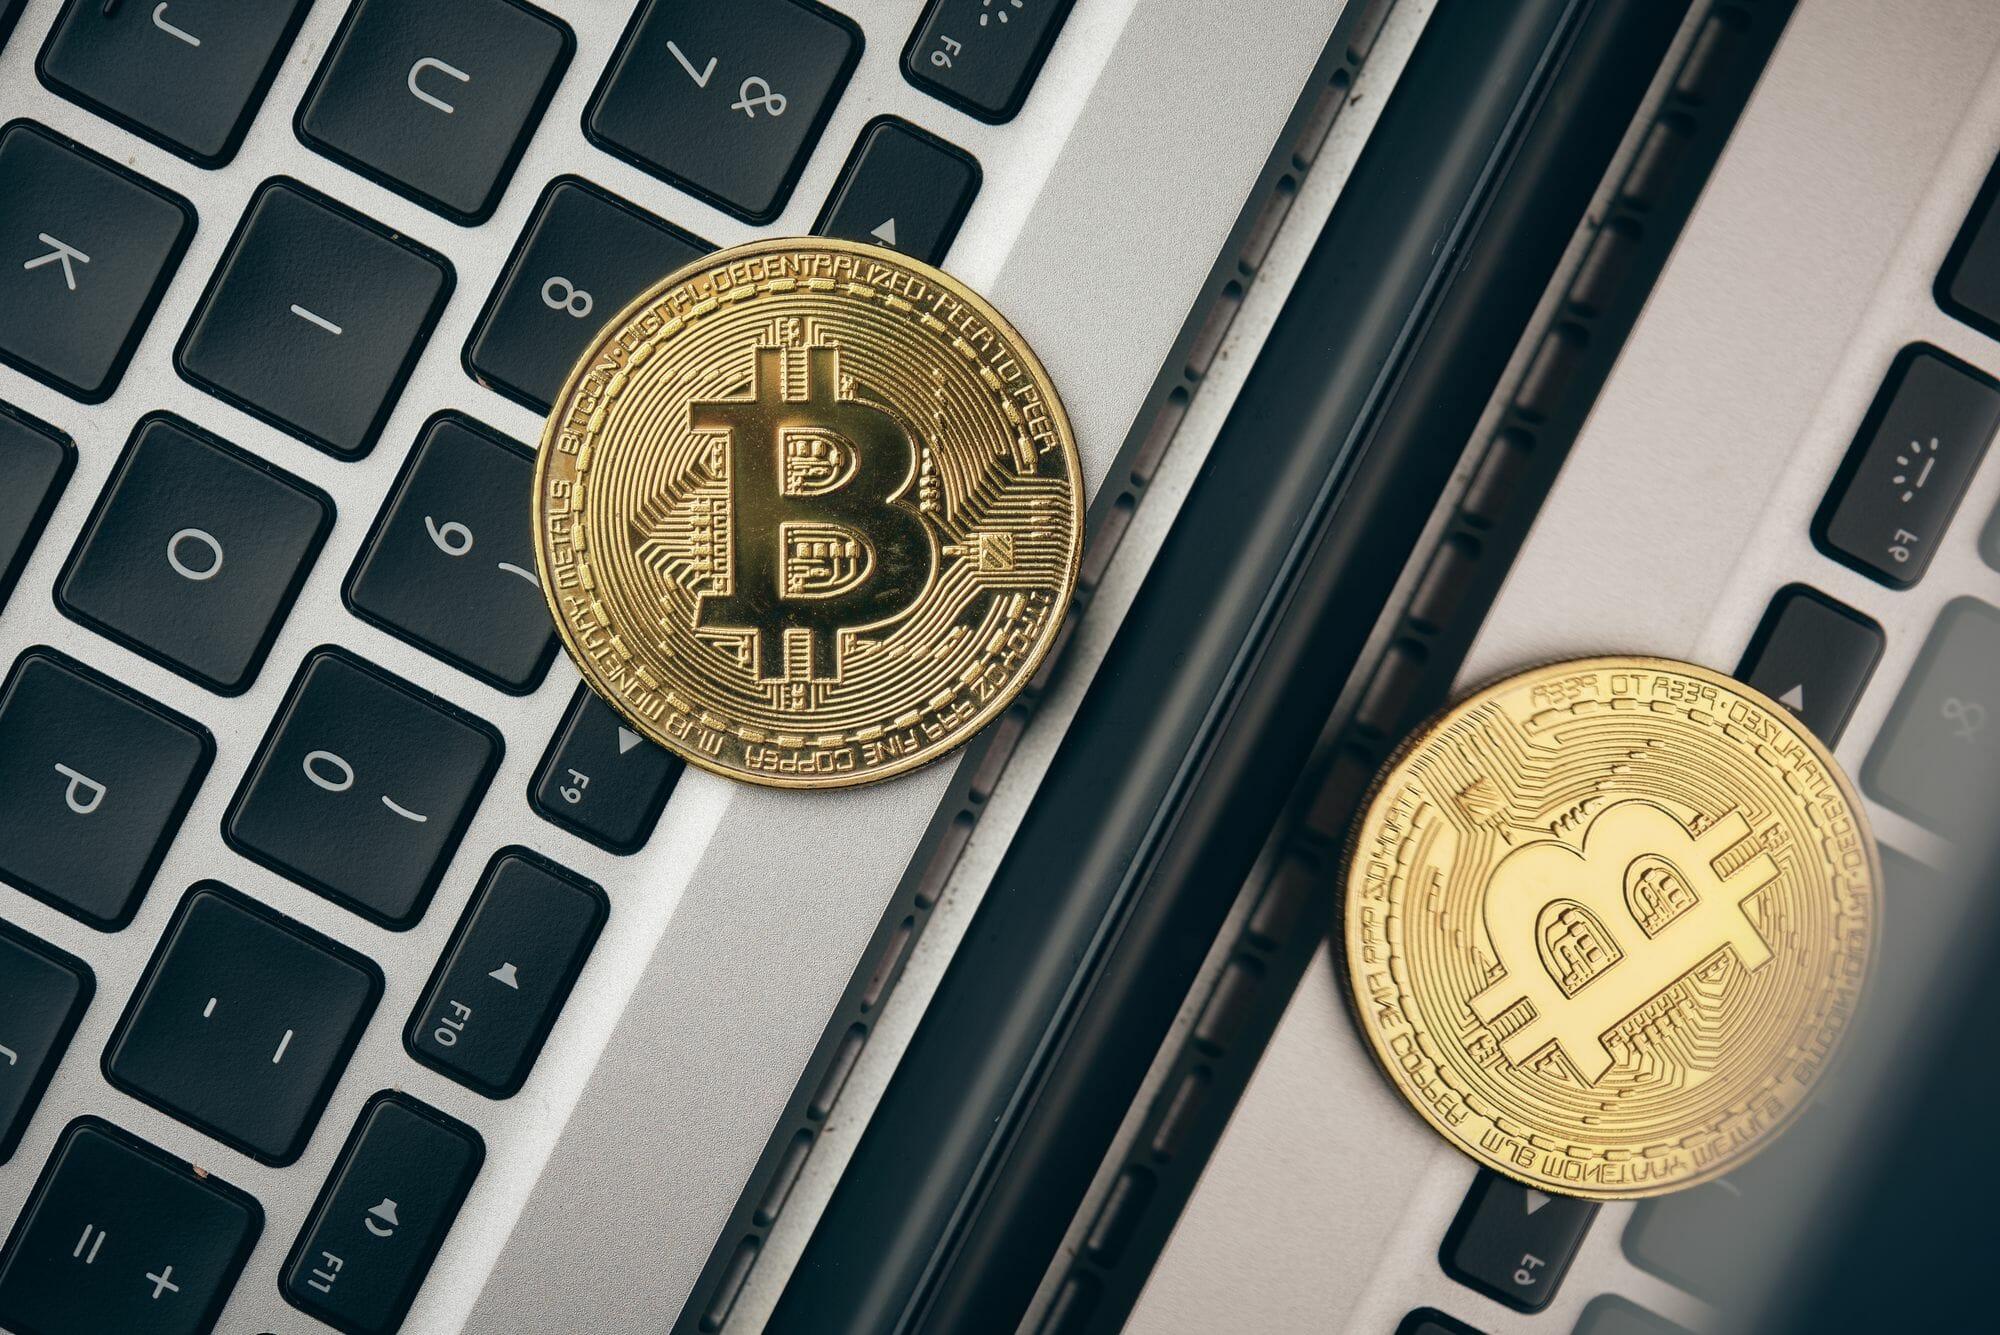 Quer investir em blockchain? Descubra porque a tecnologia está conquistando os grandes players